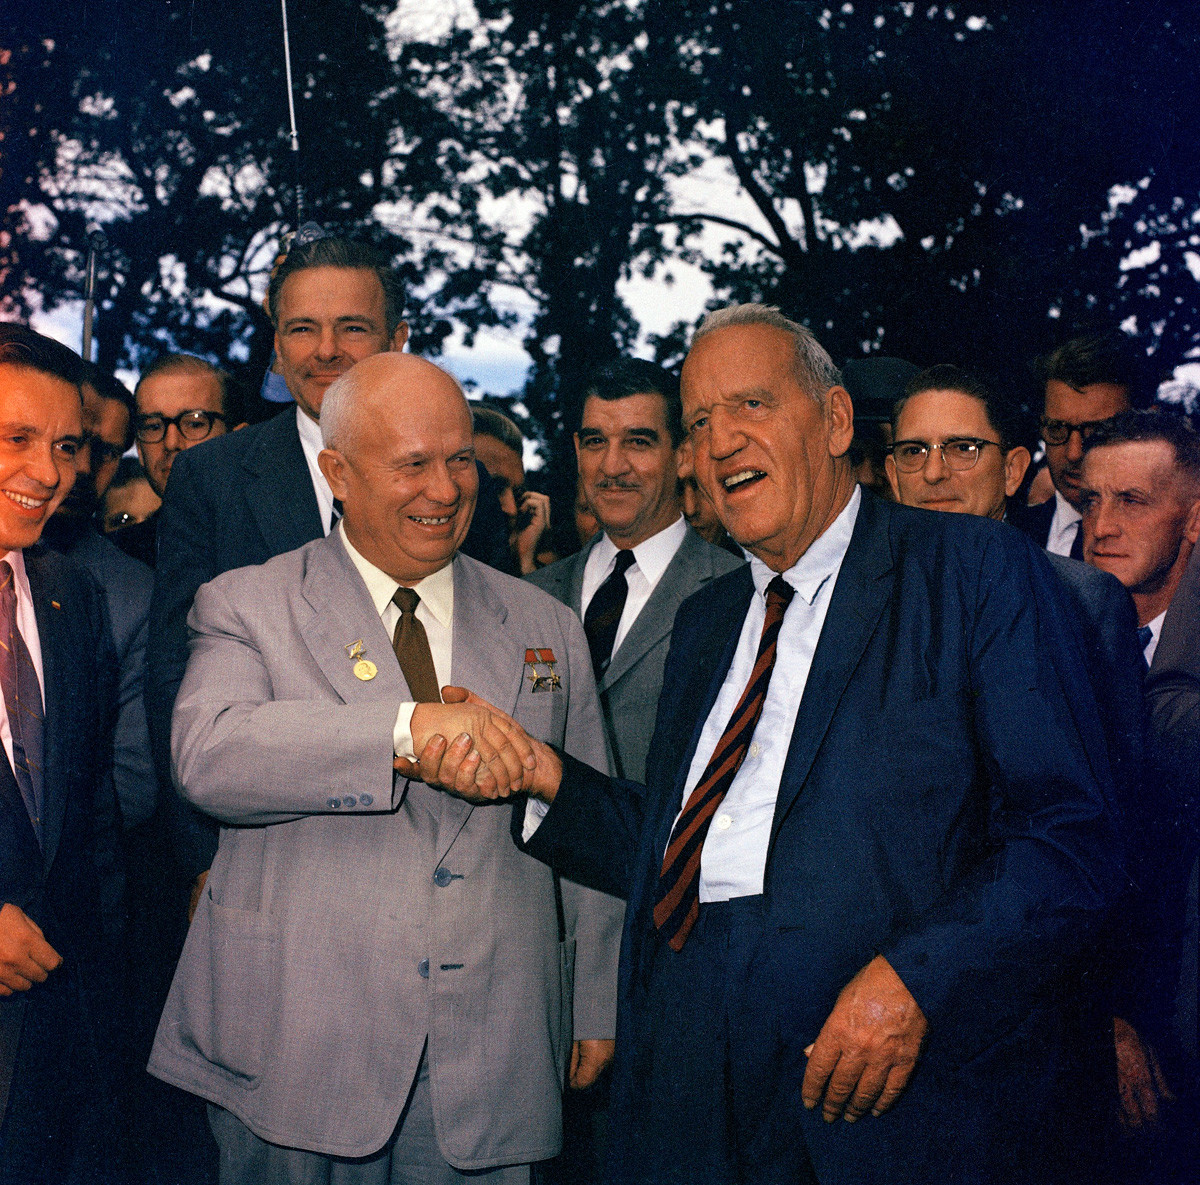 Le leader Nikita Khrouchtchev, à gauche, serre la main de Roswell Garst lors de sa visite aux États-Unis, 23 septembre 1959.